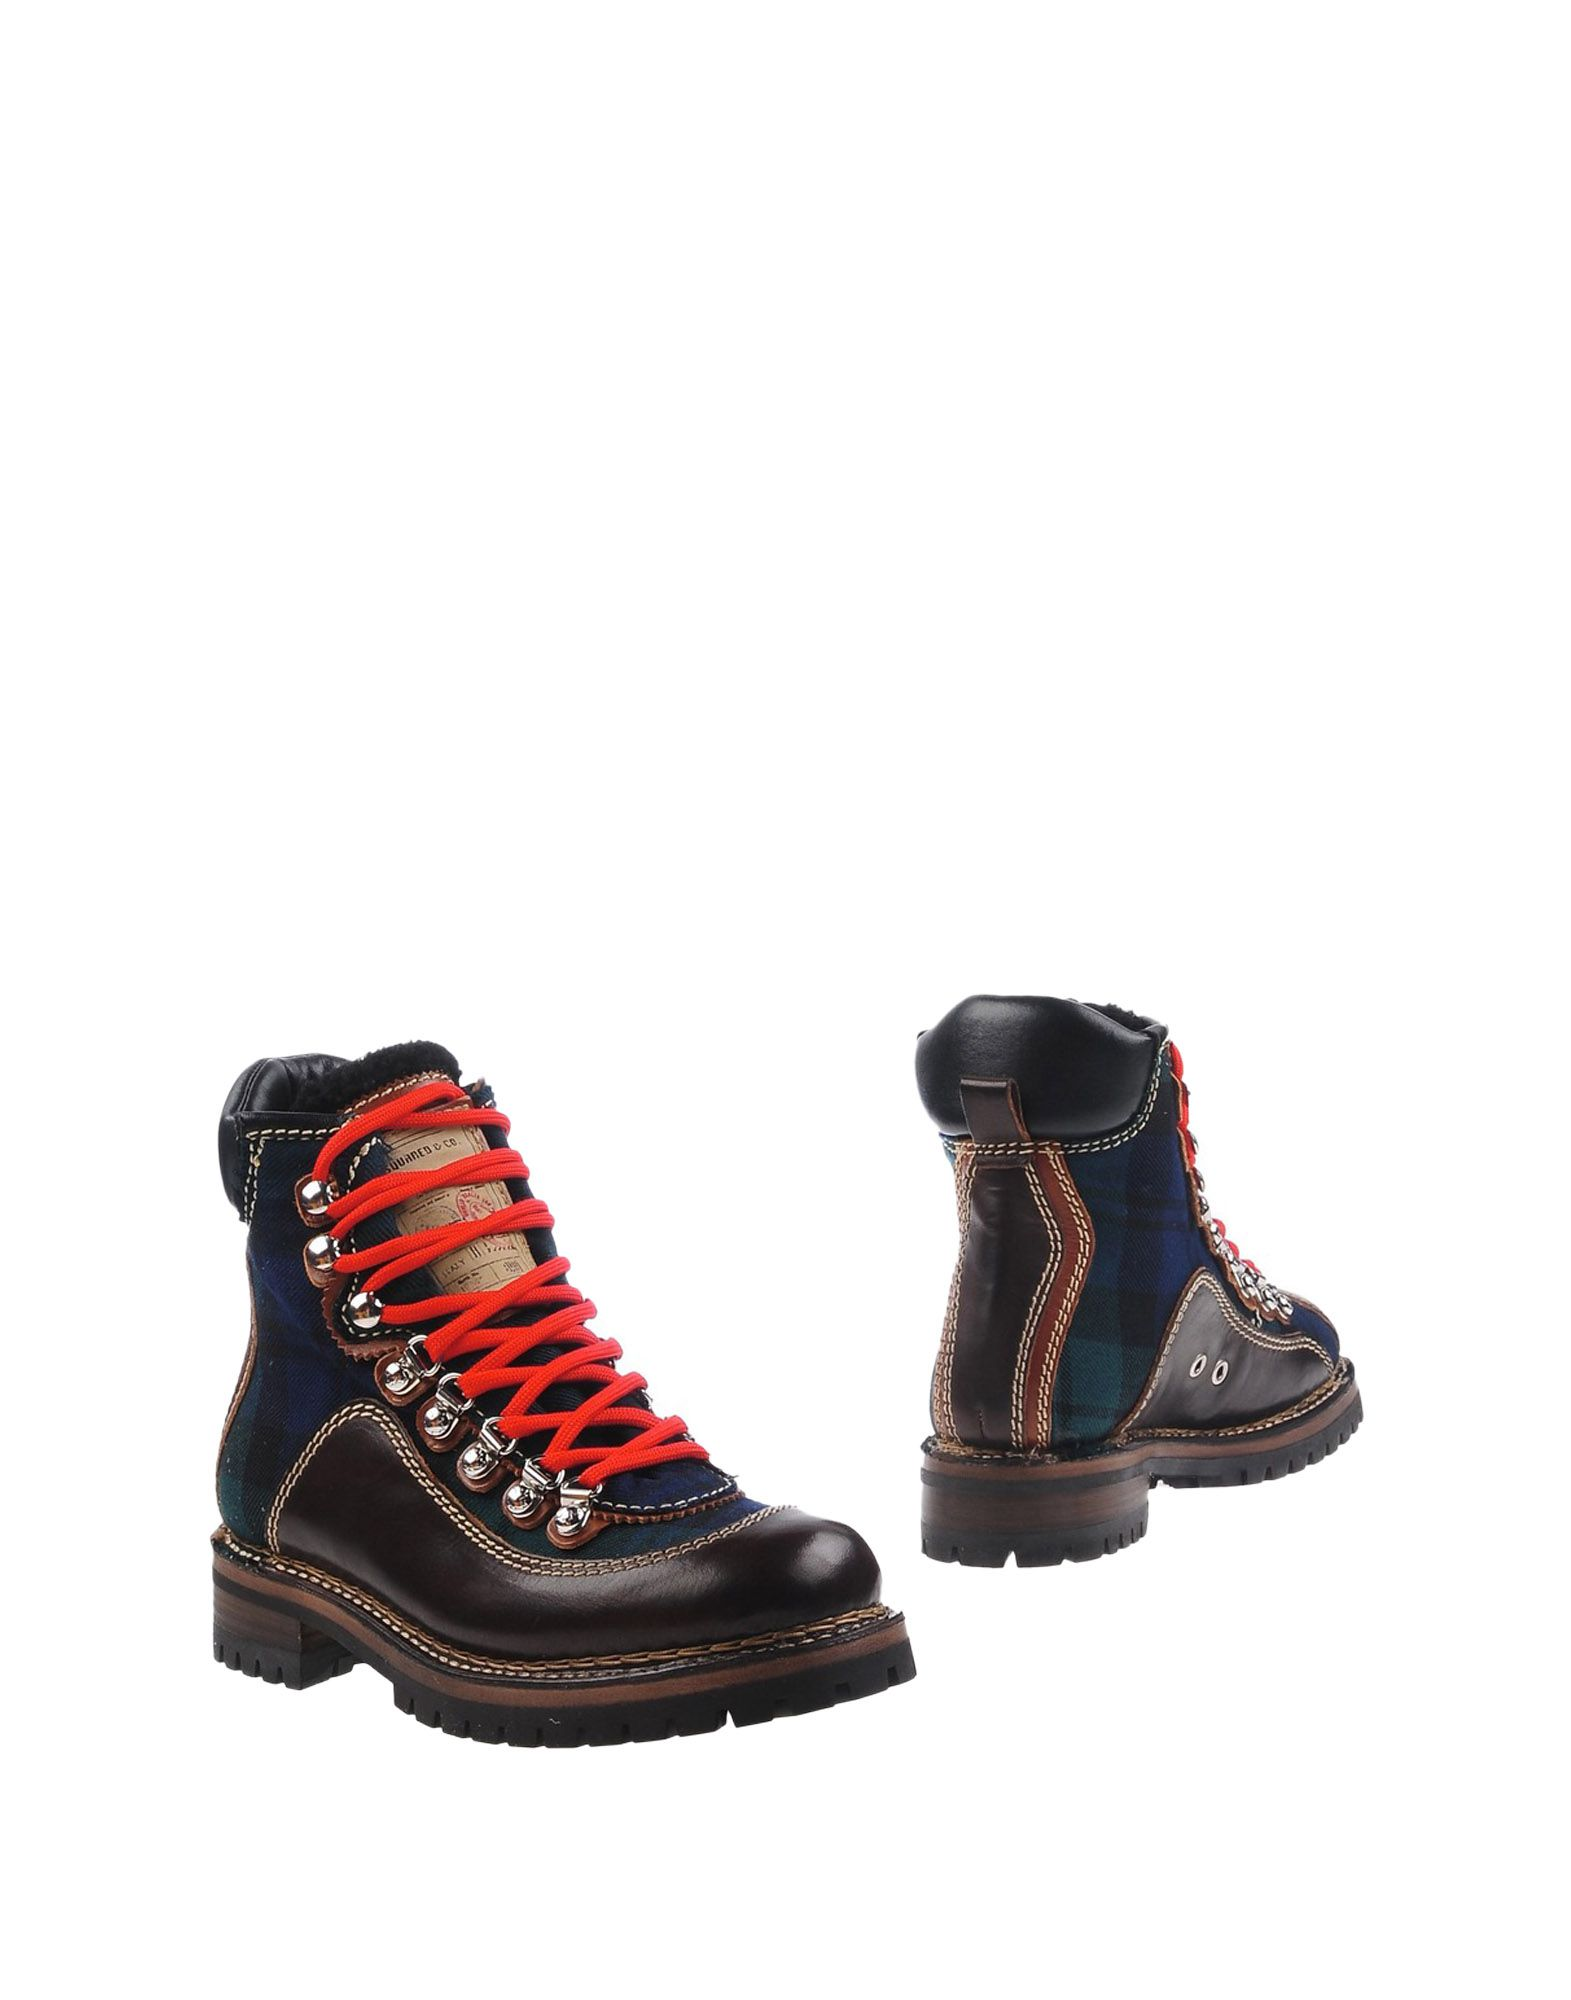 Dsquared2 Stiefelette Damen Schuhe  11301330XTGünstige gut aussehende Schuhe Damen 0f1eff